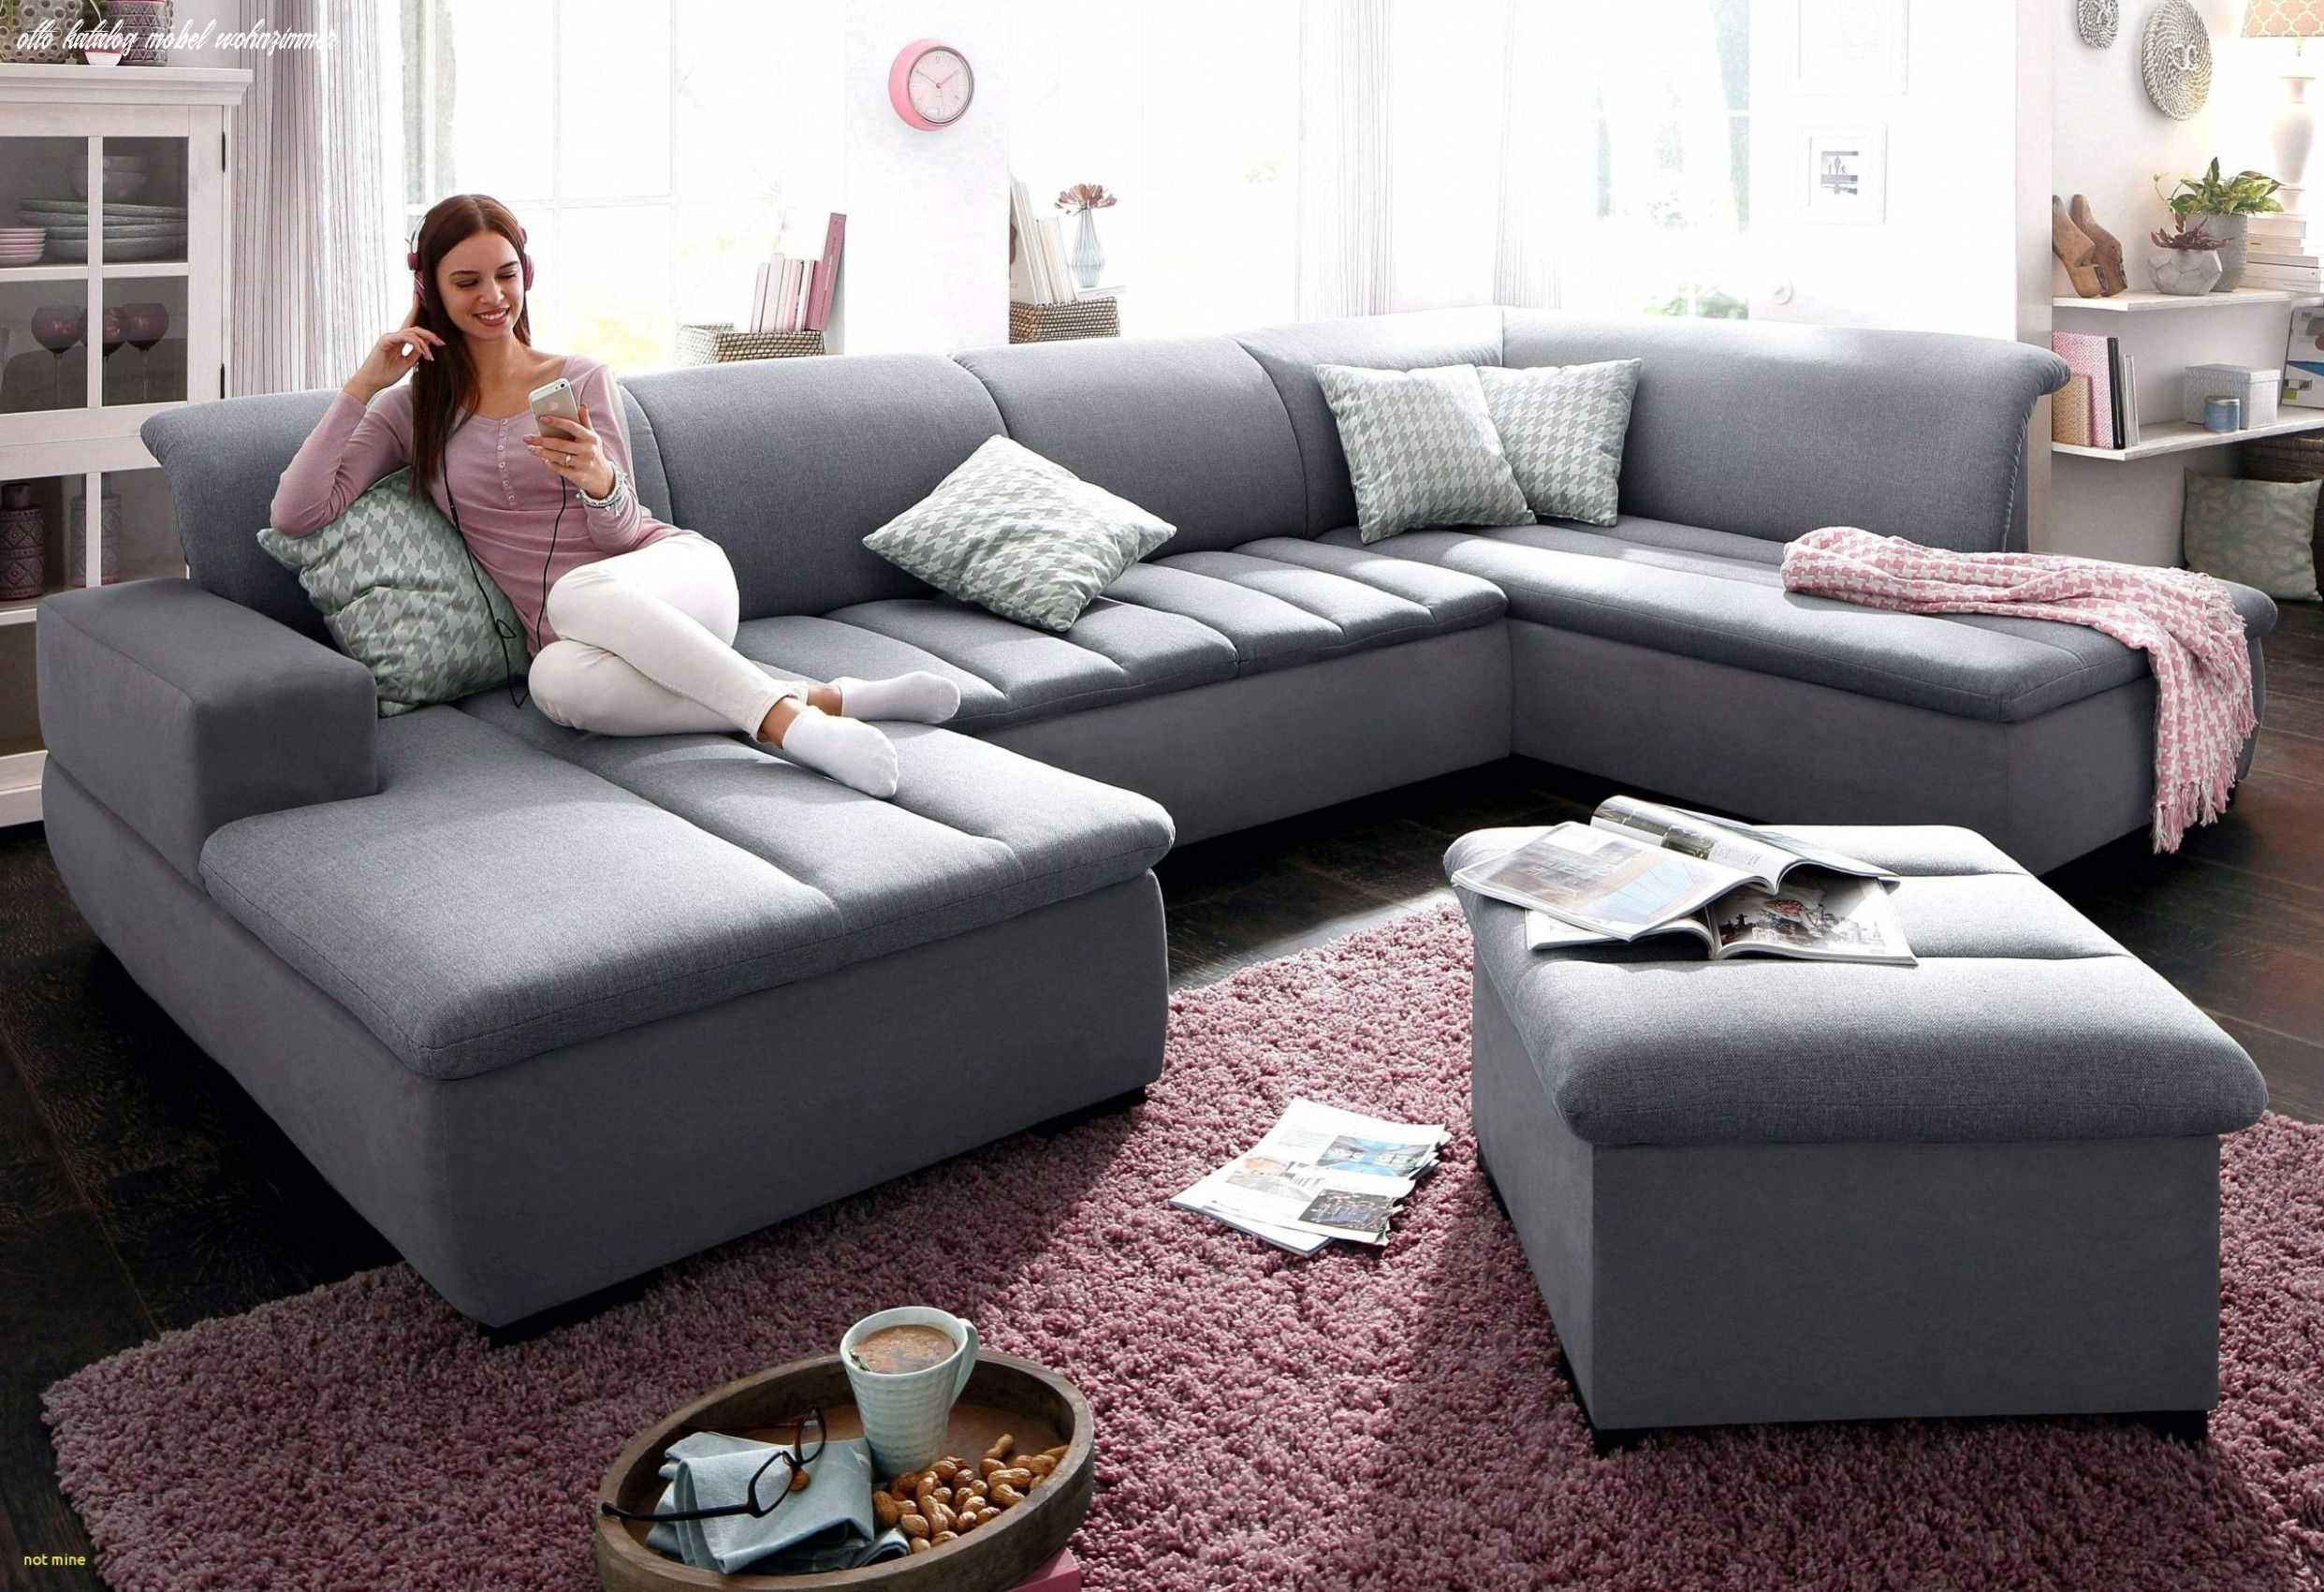 So Wird Otto Katalog Möbel Wohnzimmer In 10 Jahren Aussehen